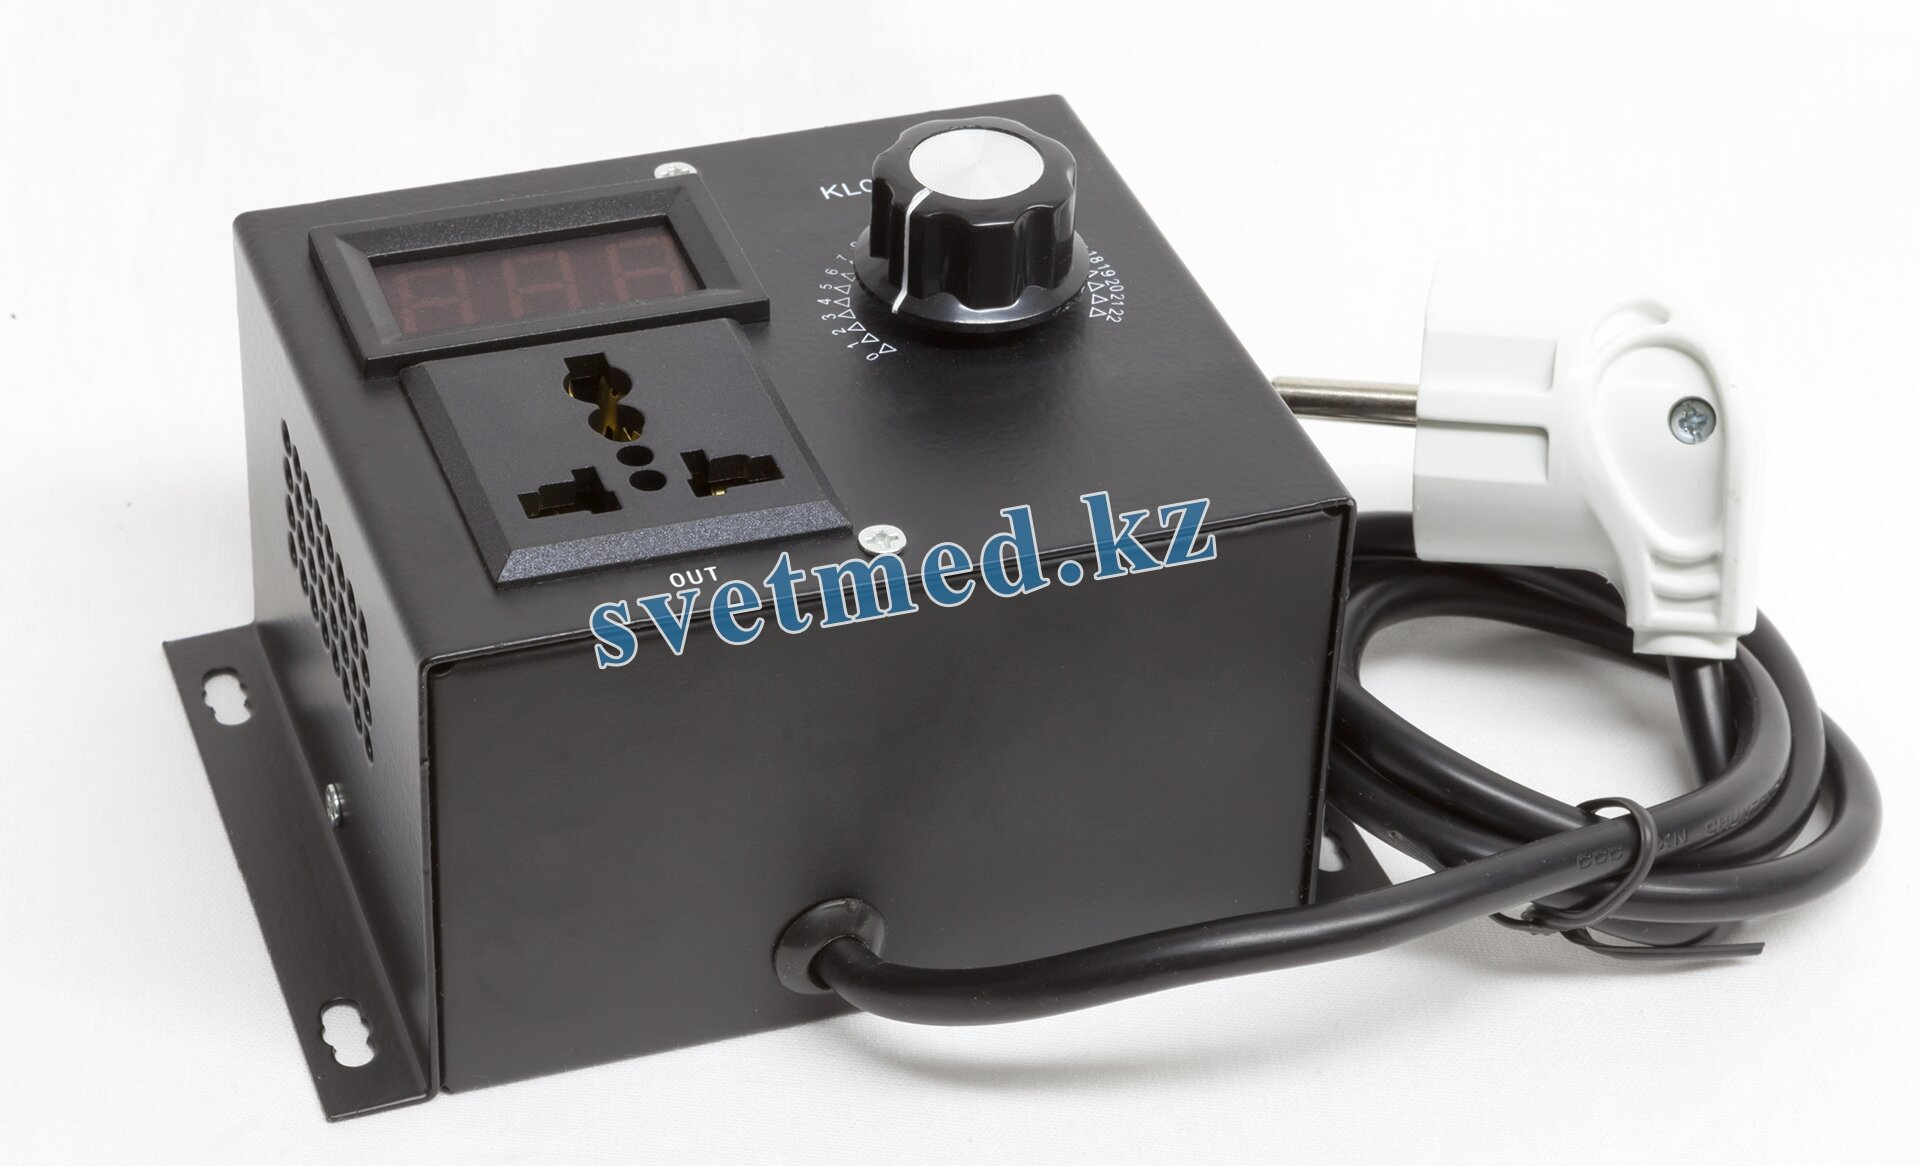 Регулятор мощности цифровой 4 кВт, 230 В - фото pic_27df629585ce14ccfca37db075d334c4_1920x9000_1.jpg